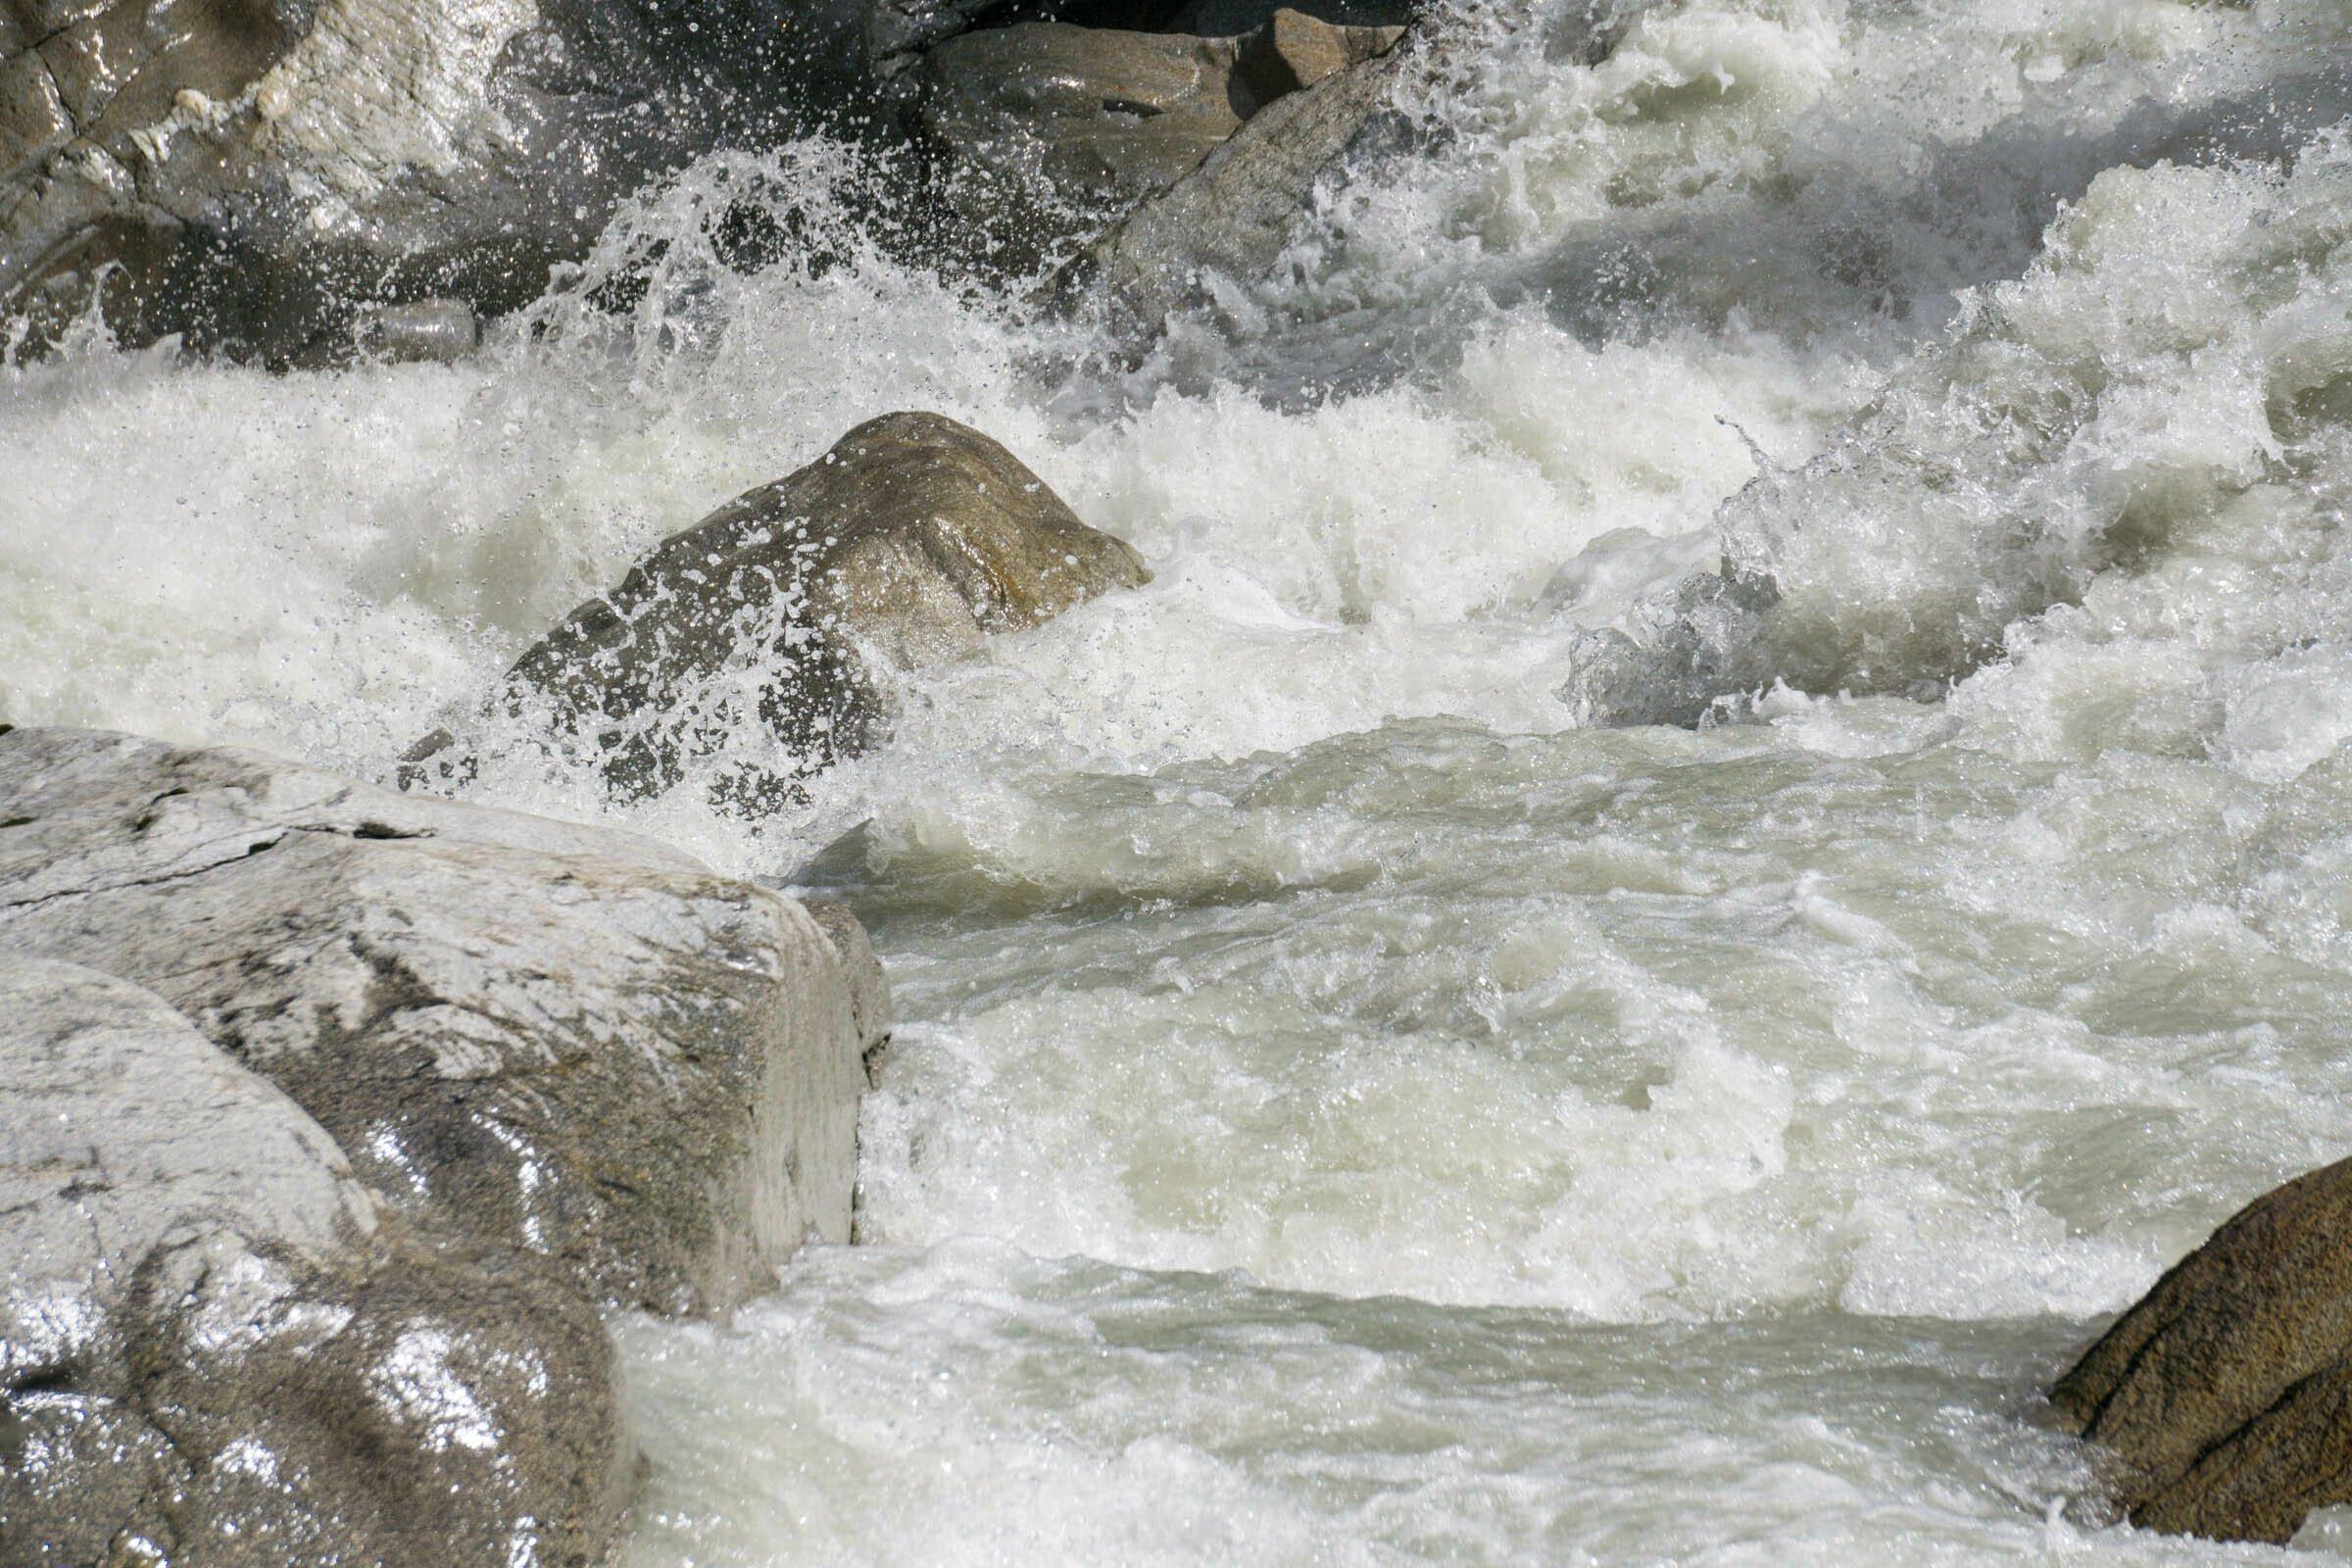 Felsblöcke im Fluss mit wild schäumendem weißen Wasser